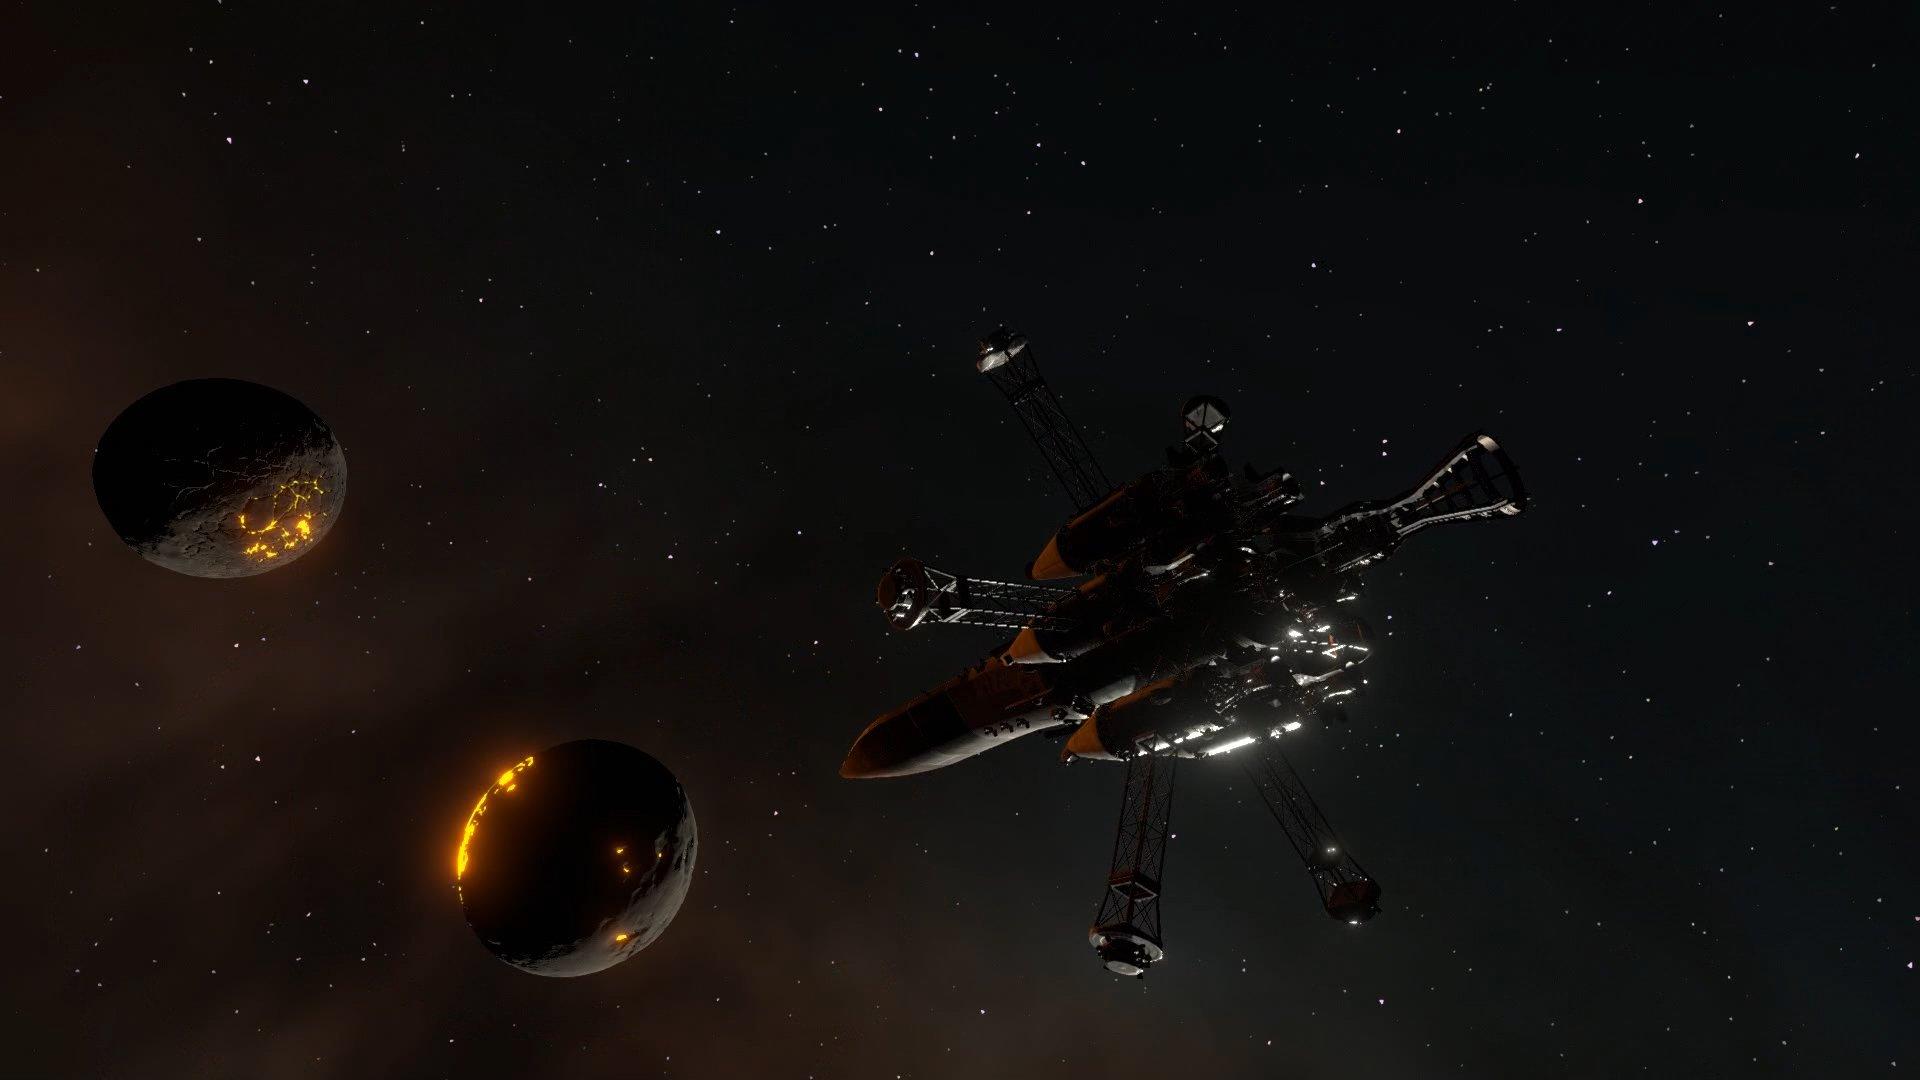 برنامج الفضاء Kerbal 2 - PAX الغربية